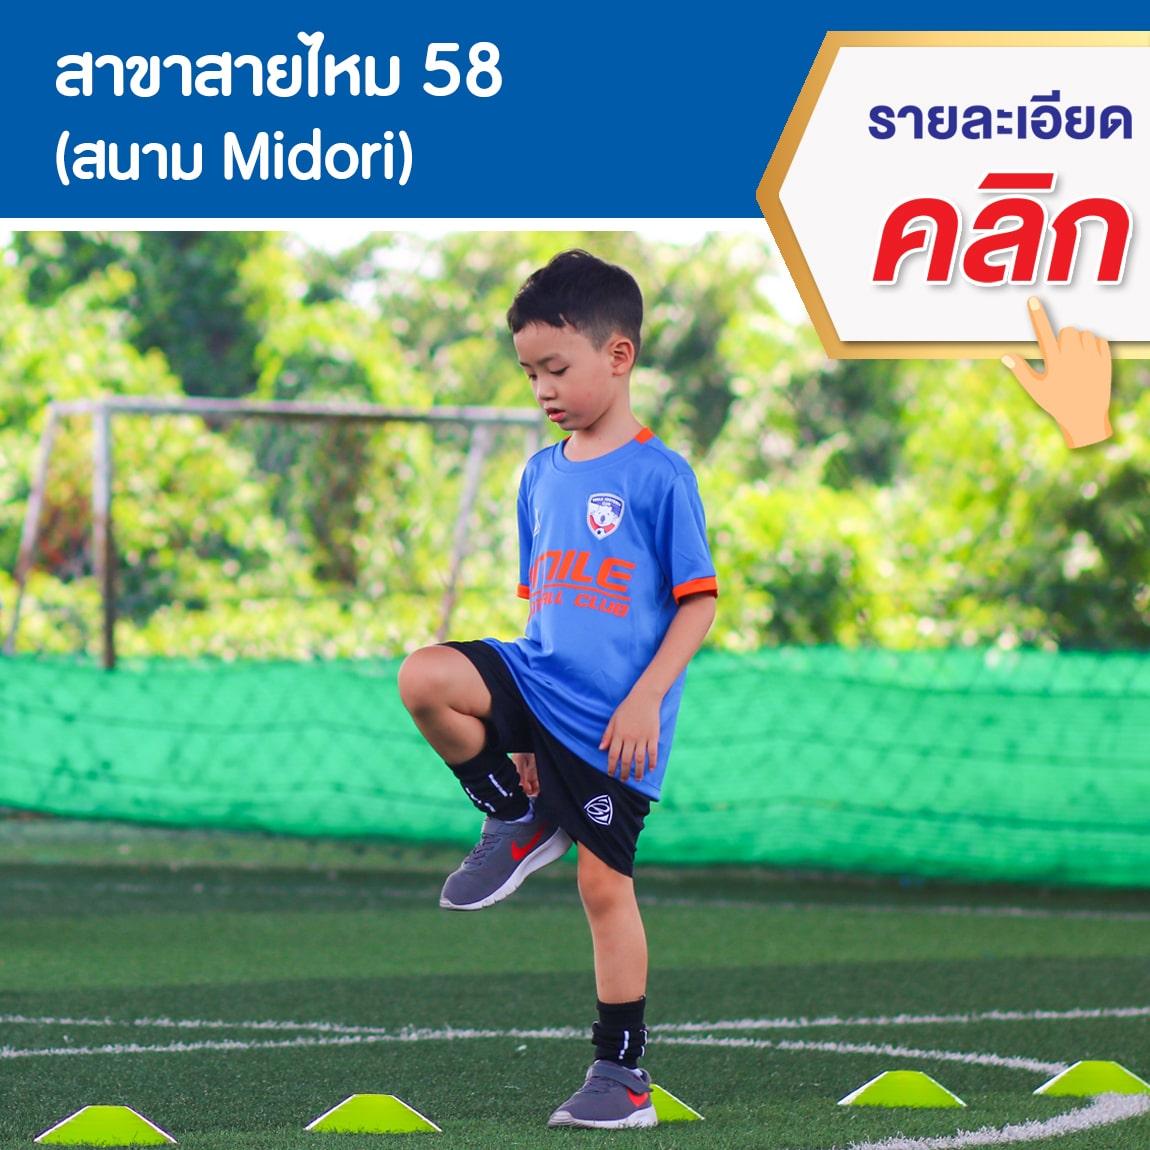 สอนฟุตบอลเด็ก by Smile Football Club_201908003